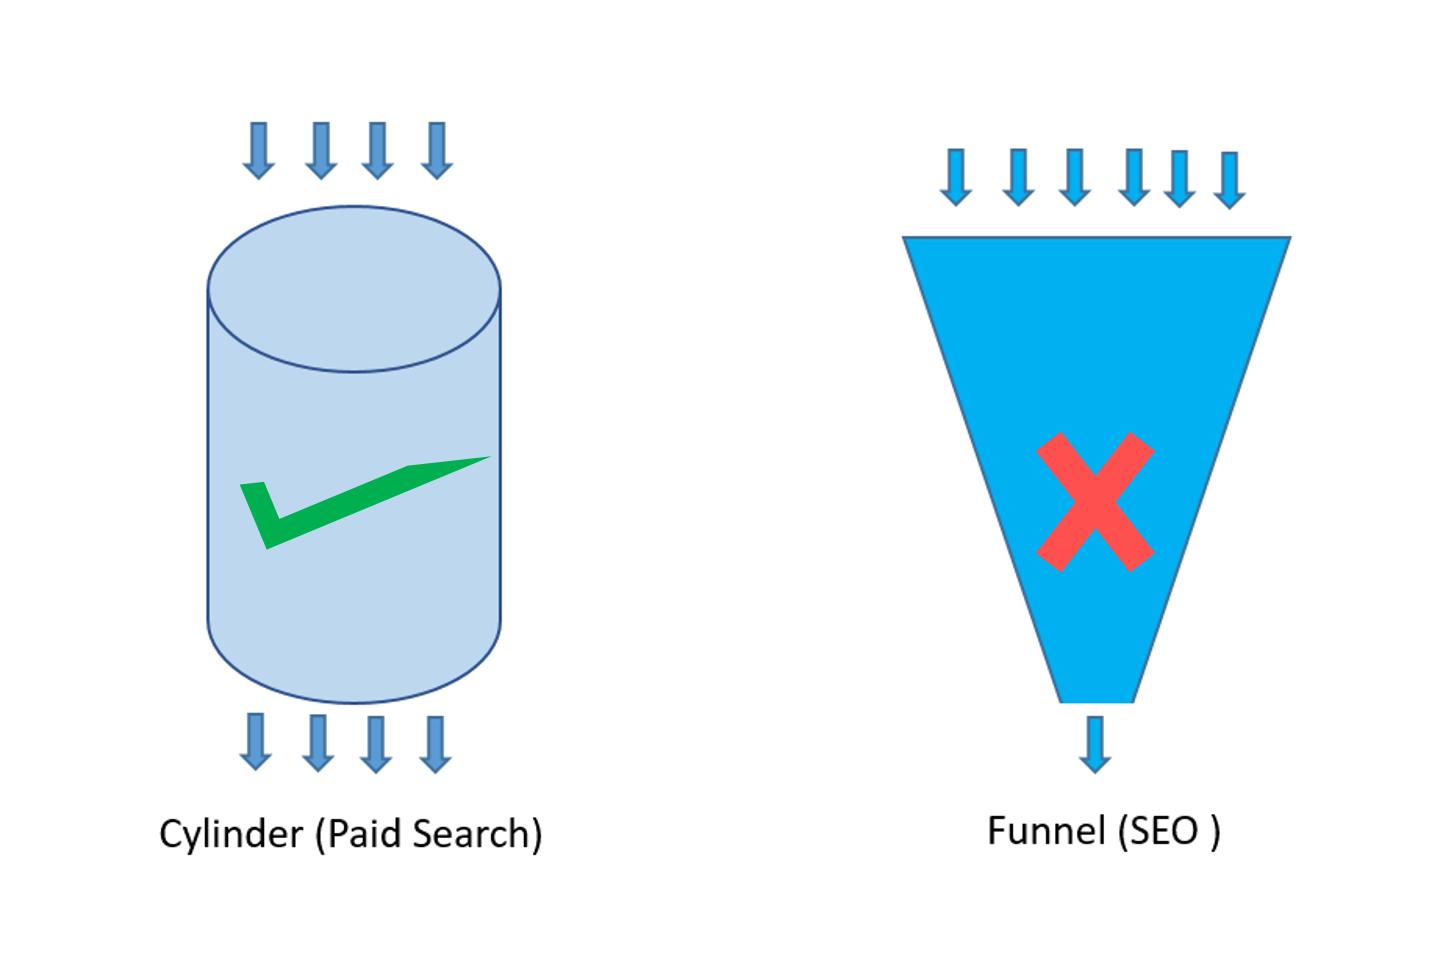 CylinderVs Funnel